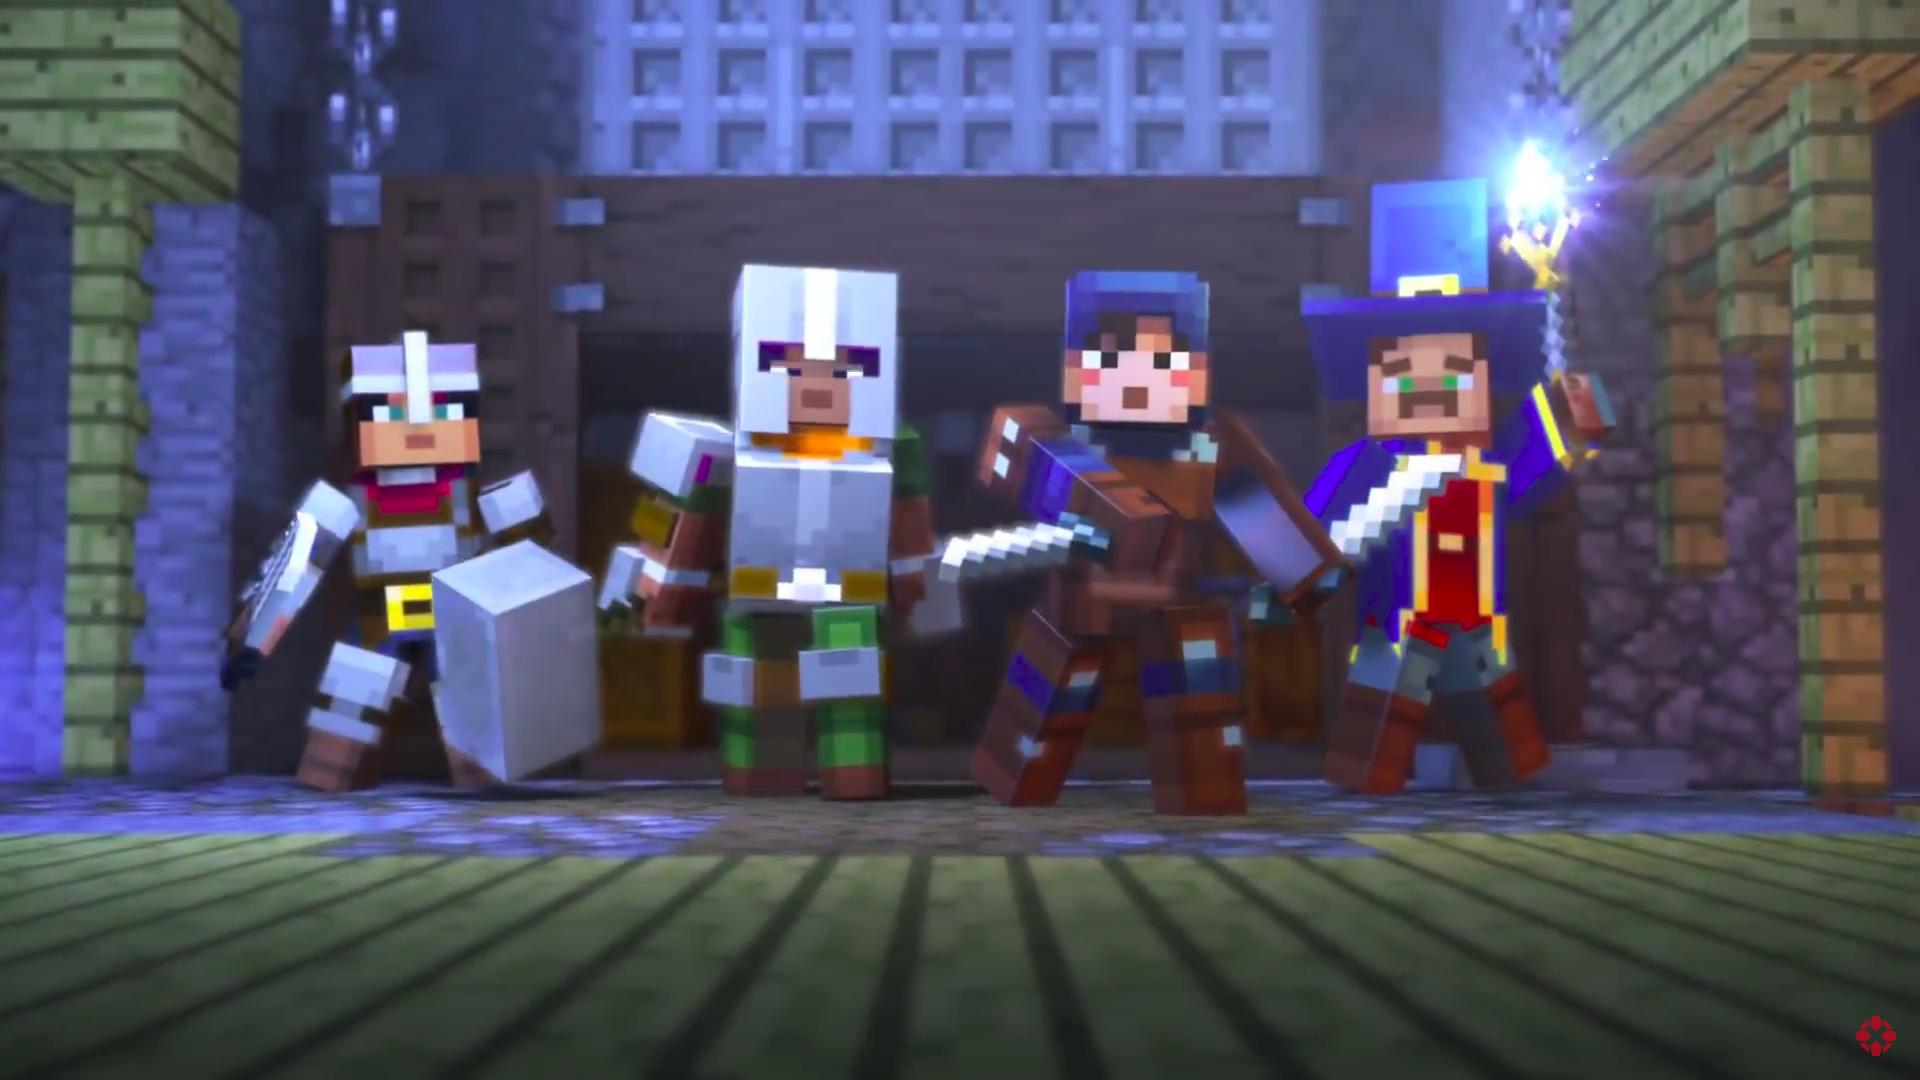 компания Mojang анонсировала новую игру во вселенной Minecraft иа